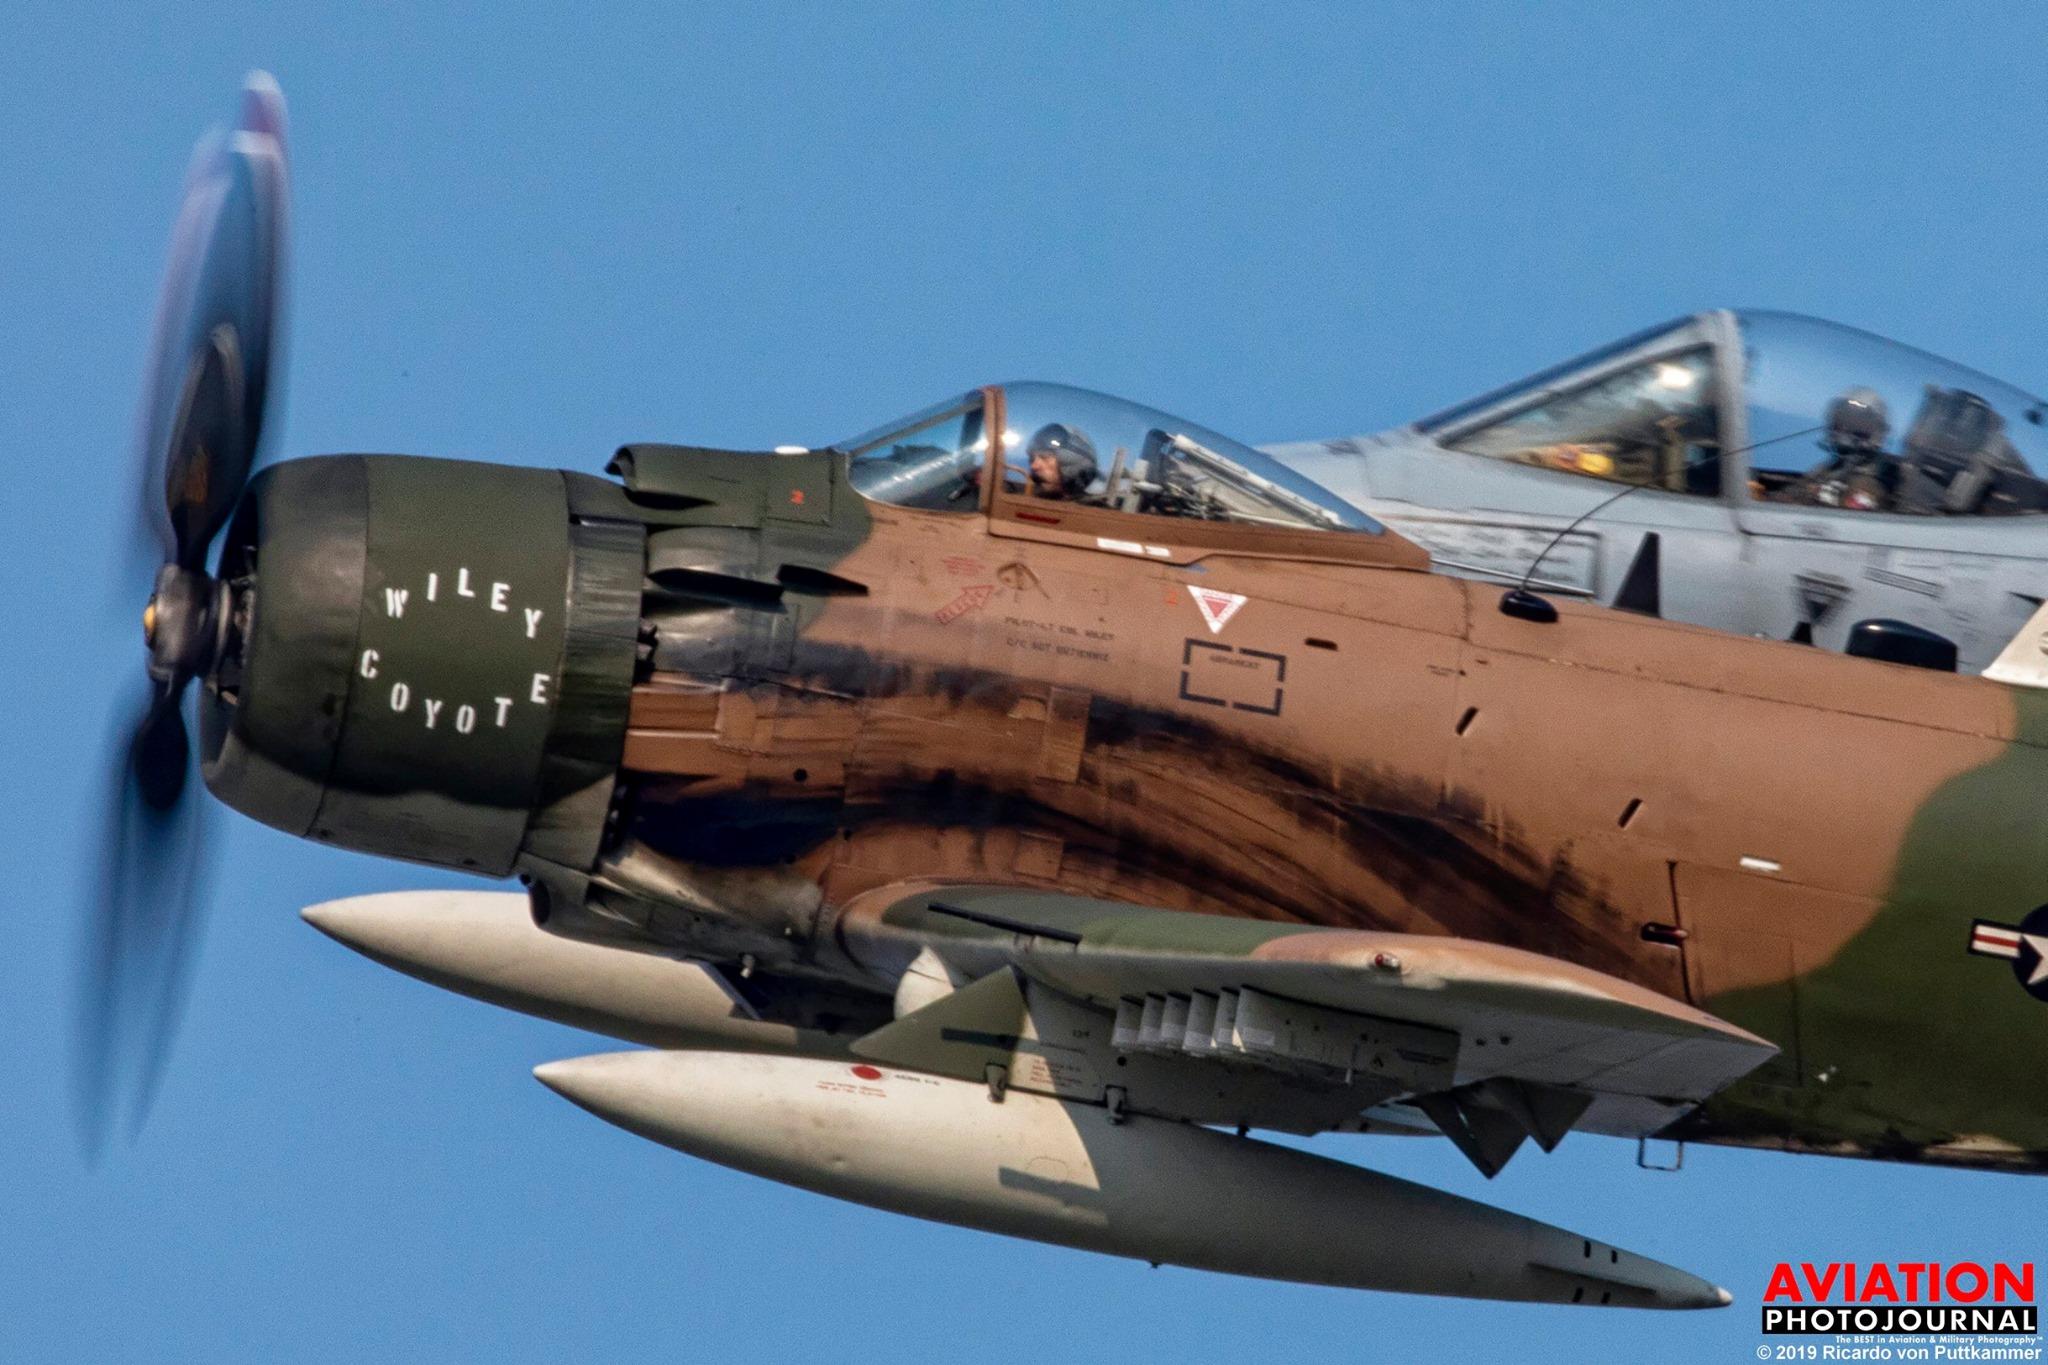 Ritka alakzat: az előtérben a Vietnamban is harcolt A-1 Skyraider, kísérője a mai földi támadó A-10-es